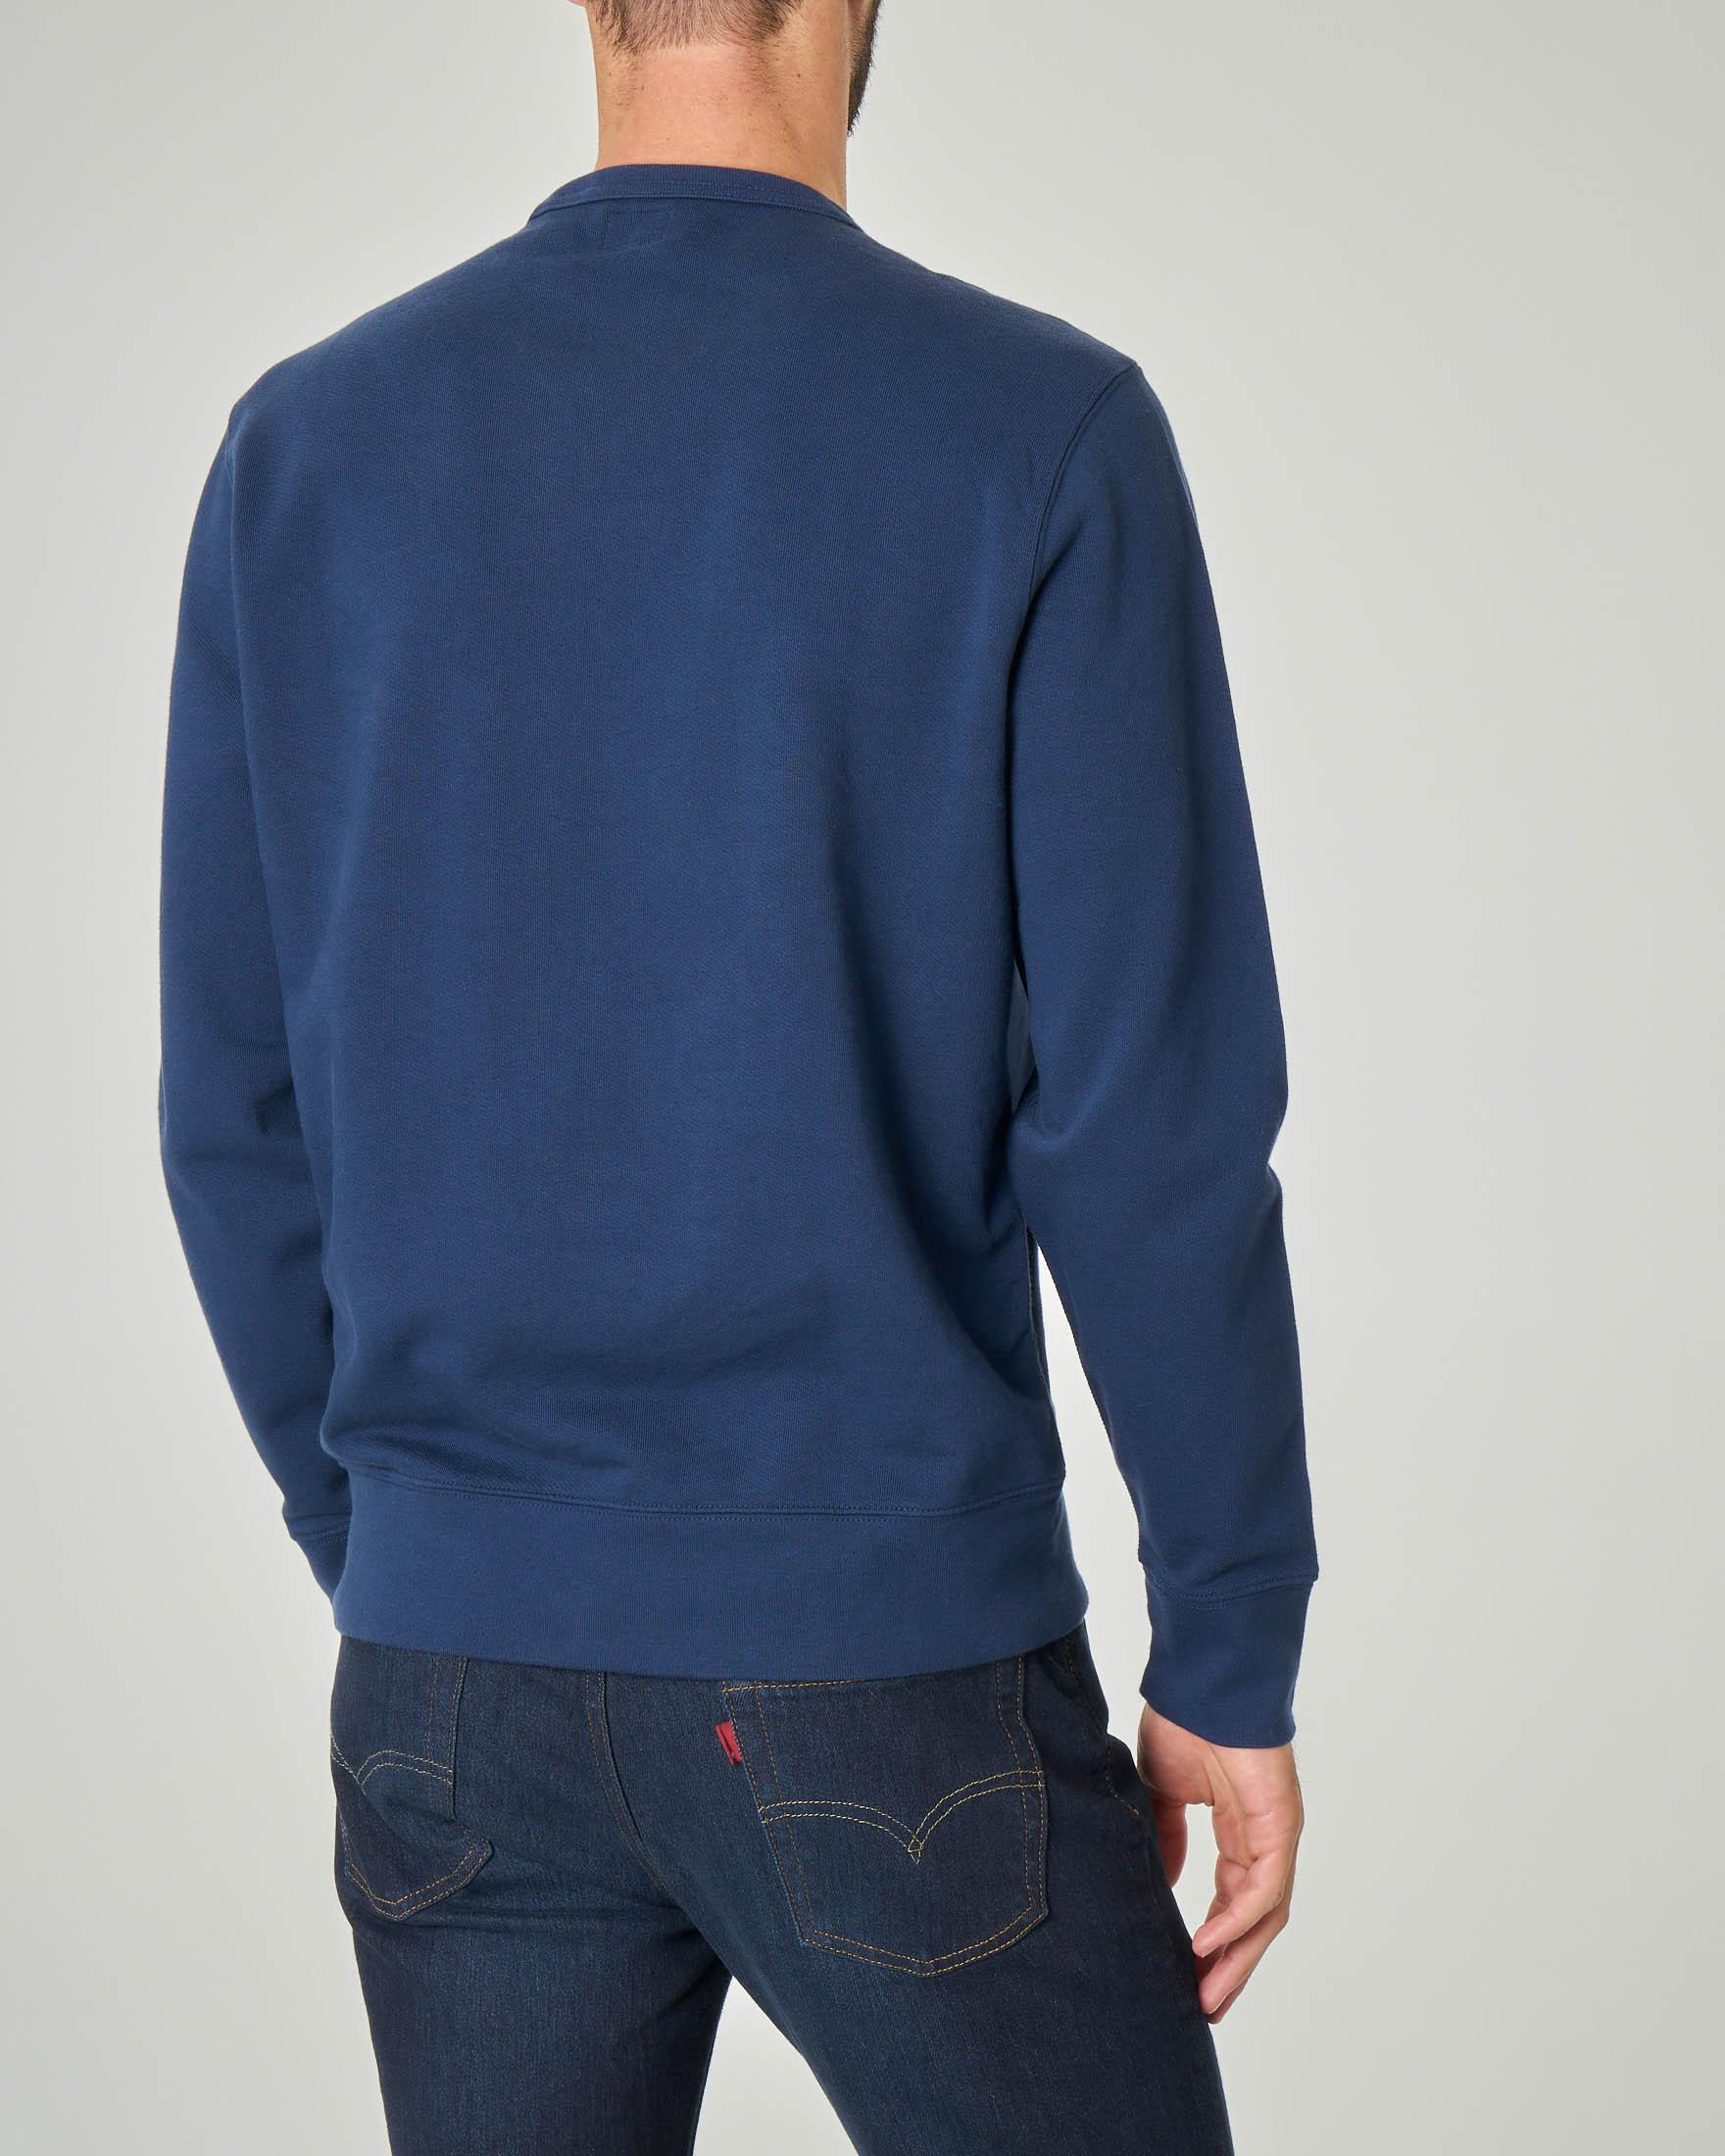 Felpa blu girocollo con logo anni '90